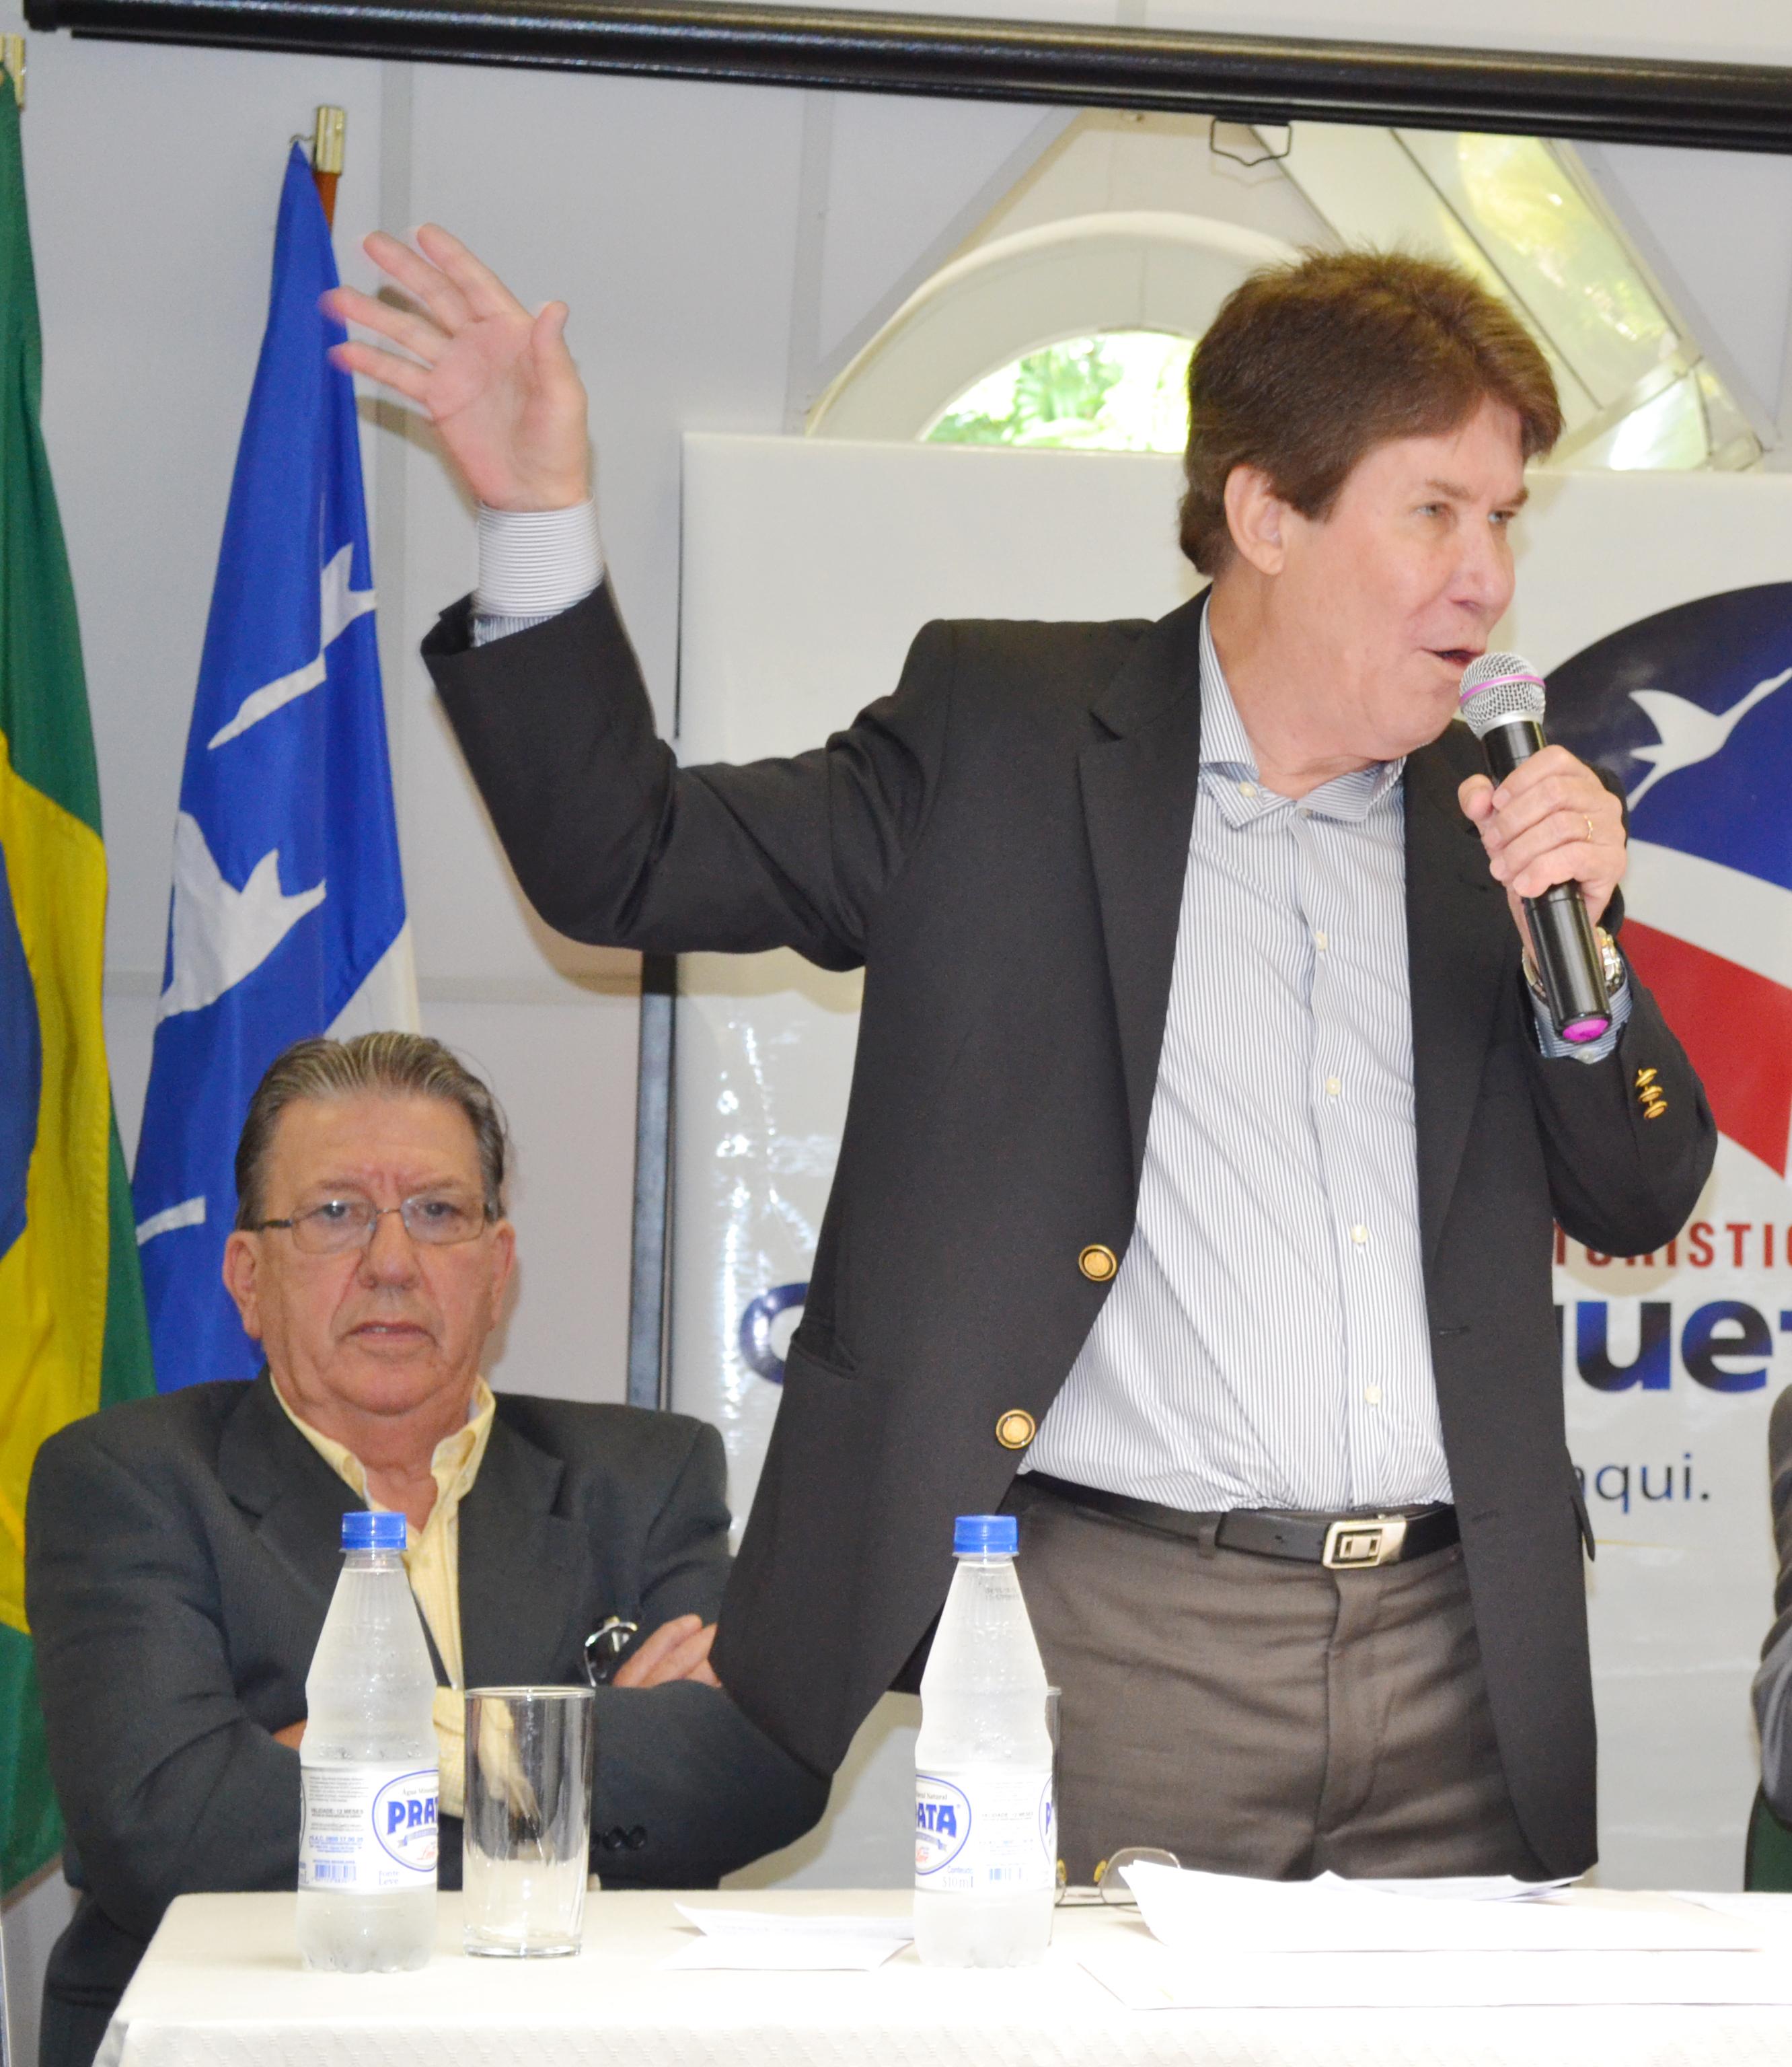 O prefeito Francisco Carlos, que está sendo questionado por sonegar o reajuste salarial dos servidores em cima do piso nacional (Arquivo Atos)